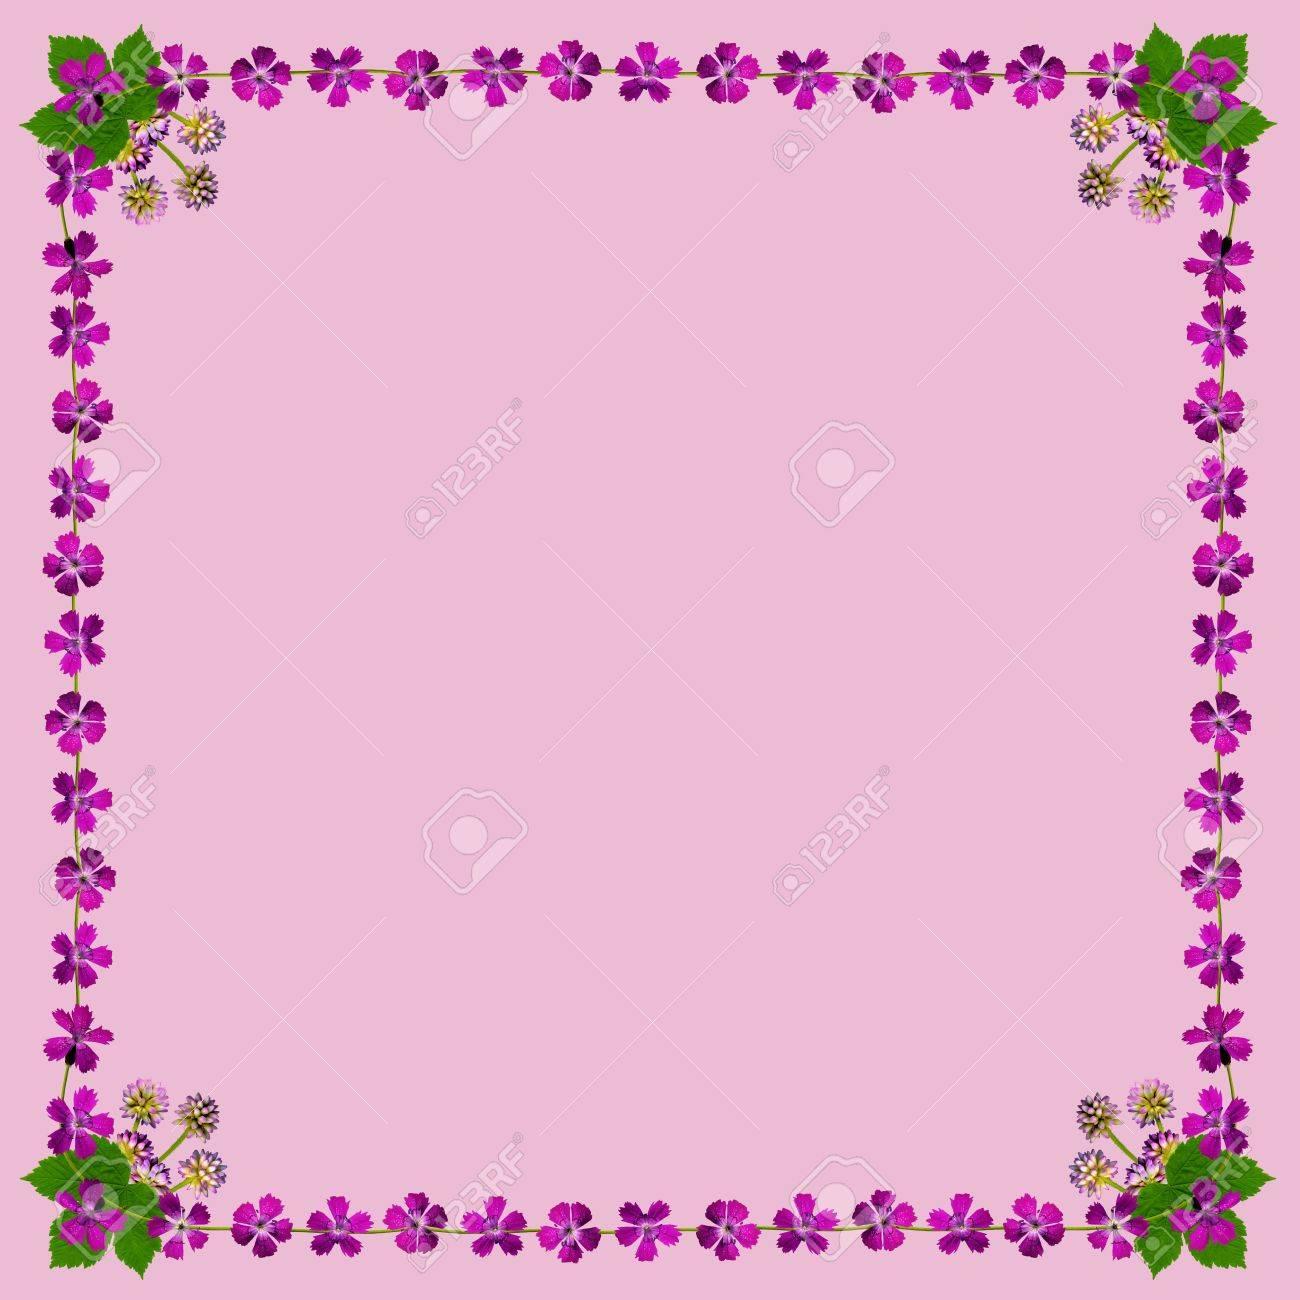 Marco Con Flores De Color Púrpura En Fondo Rosado En Formato ...